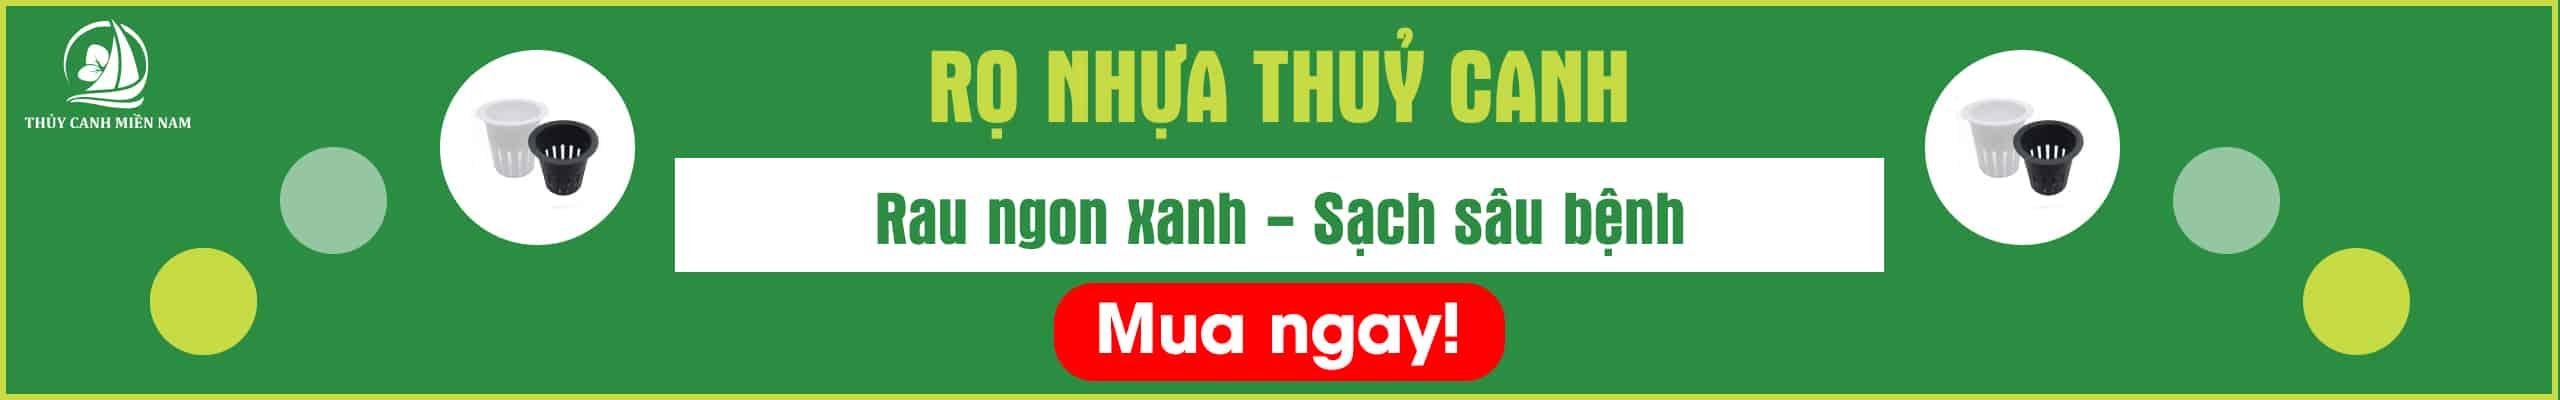 ro-nhua-thuy-canh